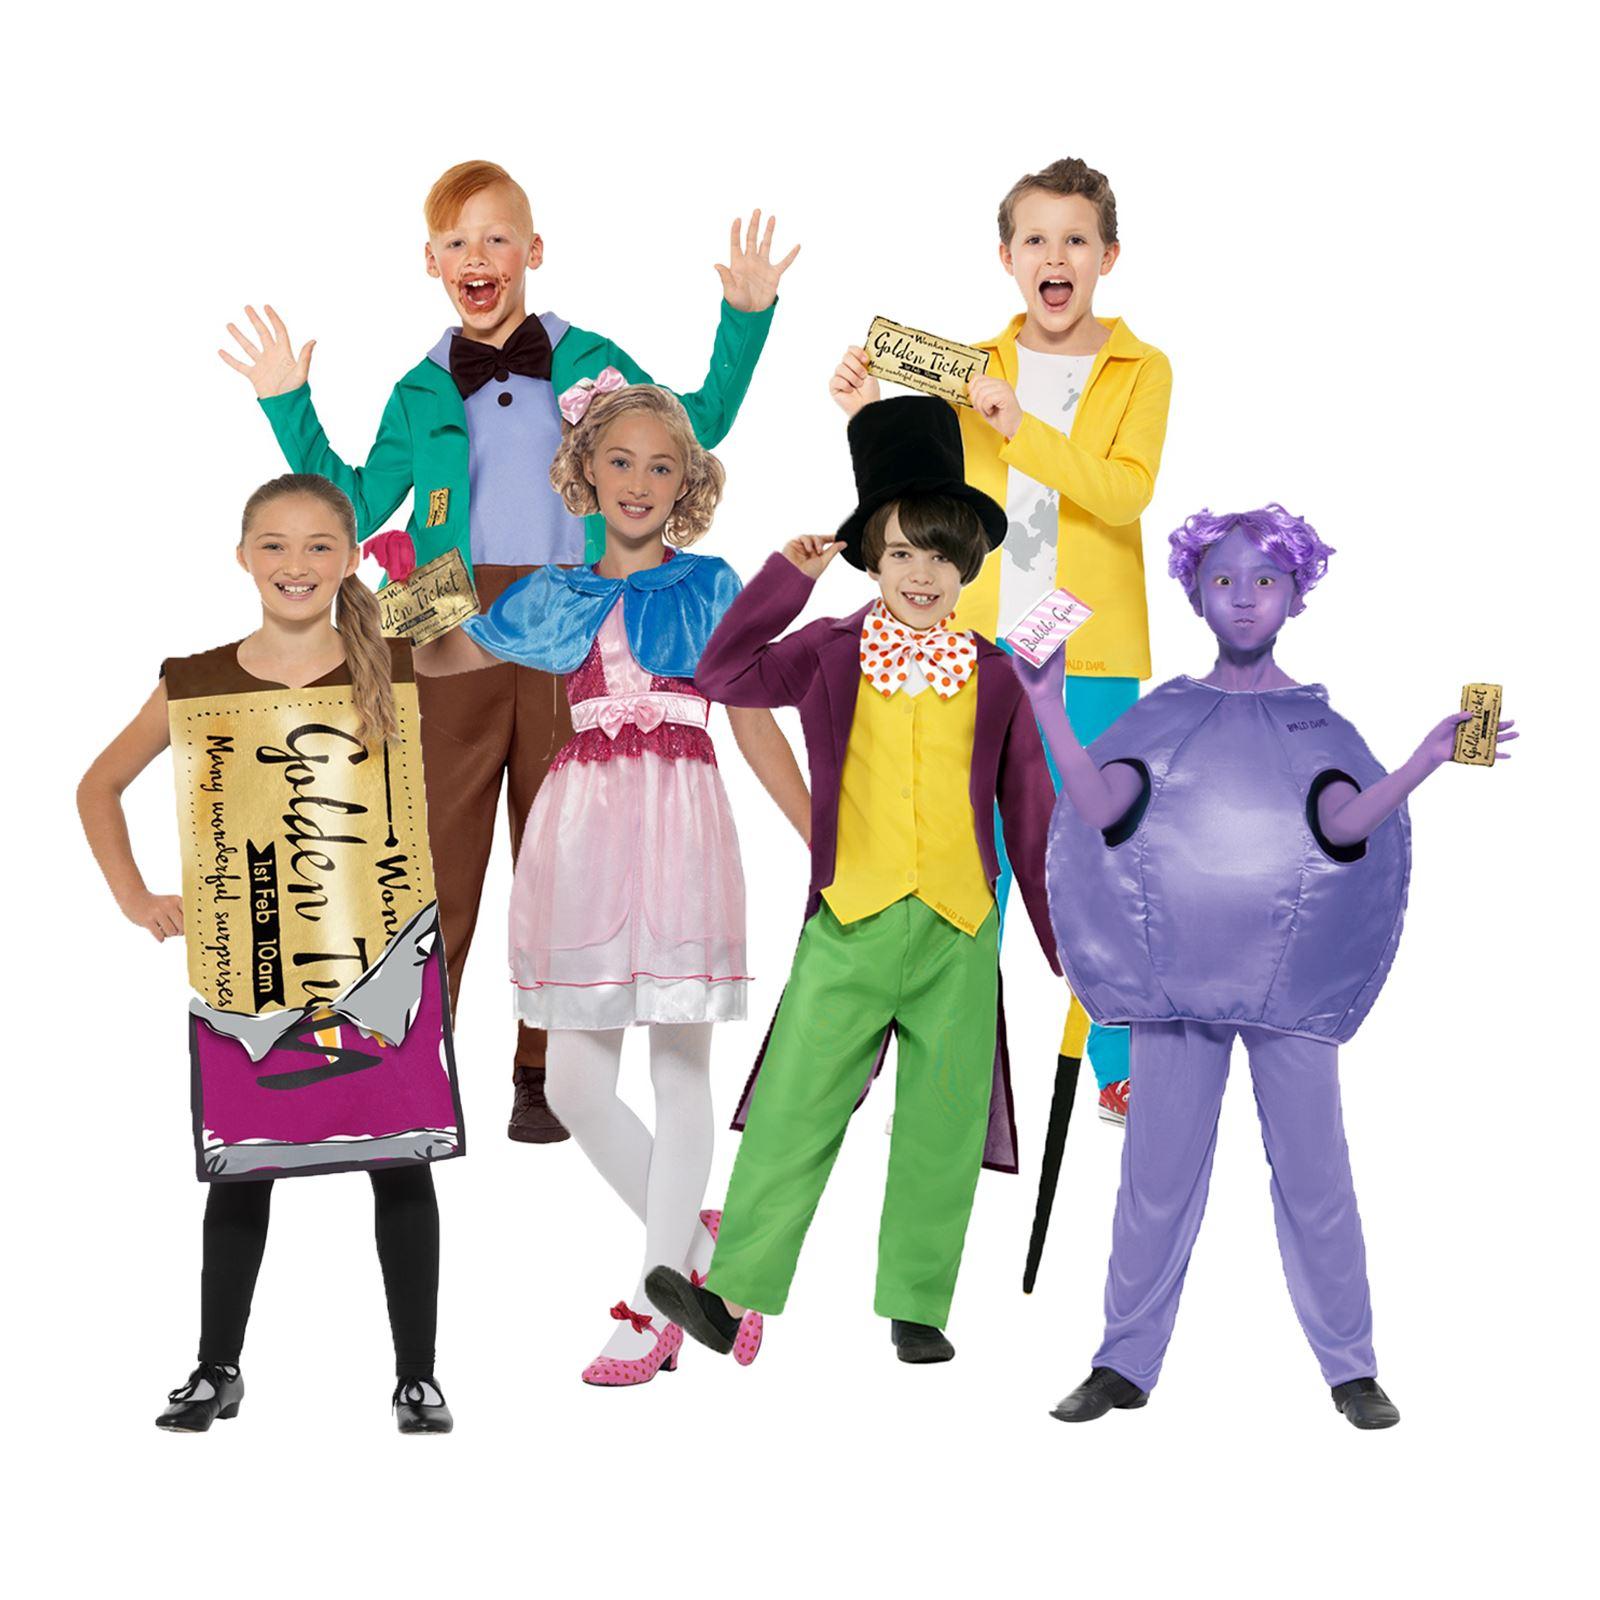 Bambino Ragazzi Ragazze Ufficiale ROALD DAHL LIBRO Giorno Character Costume Costumi